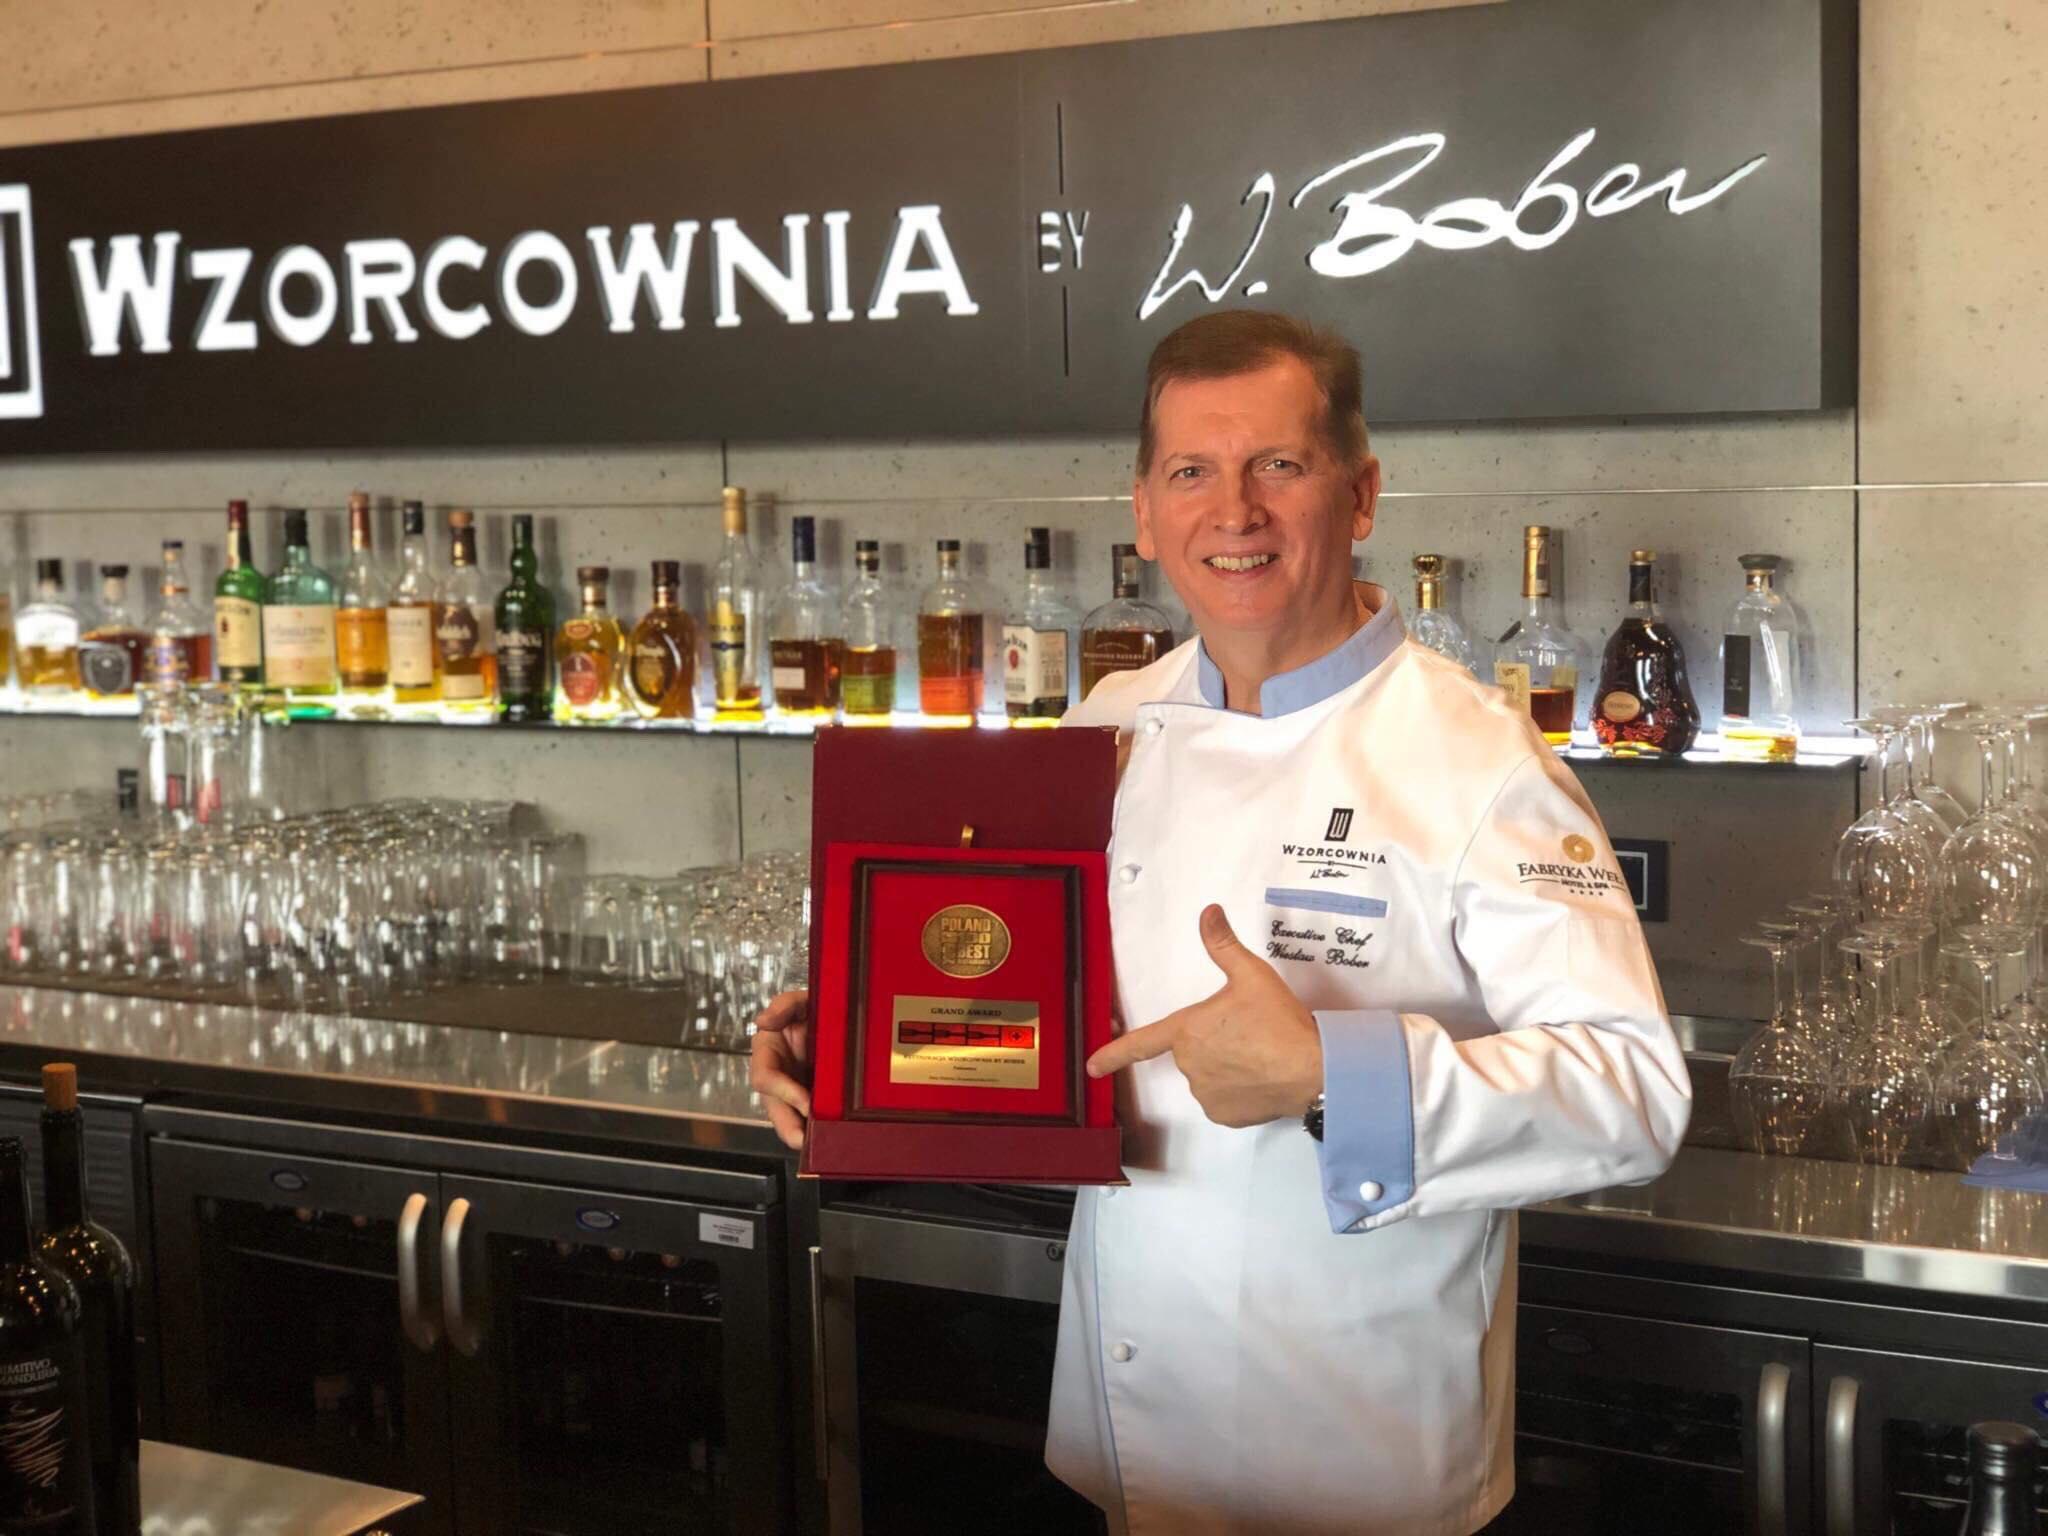 Wiesław Bober_Restauracja Wzorcownia Pabianice Grand Award 2019